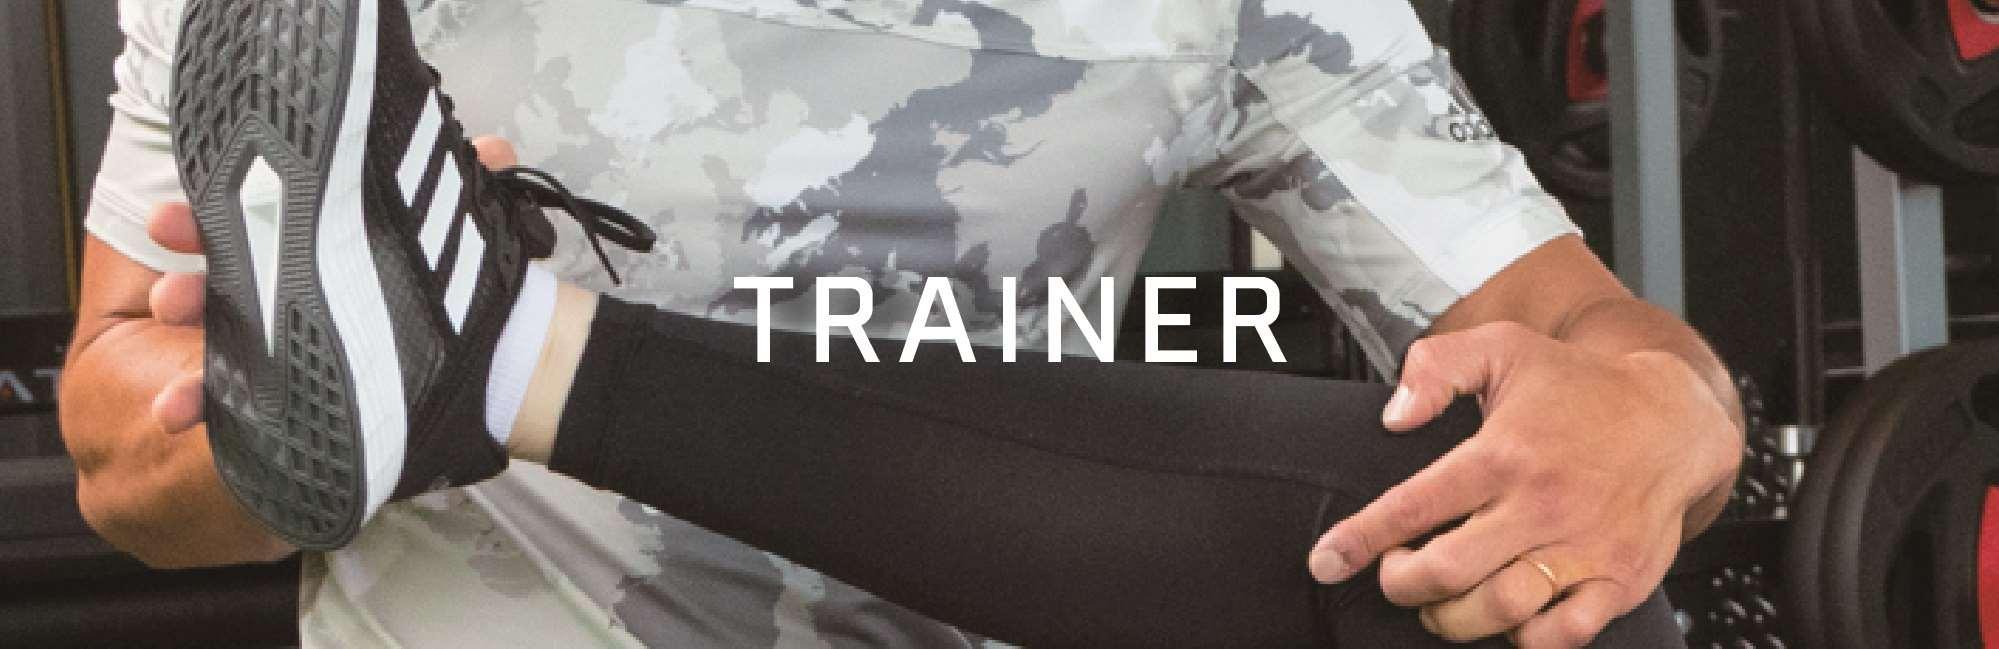 トレーナー Trainer